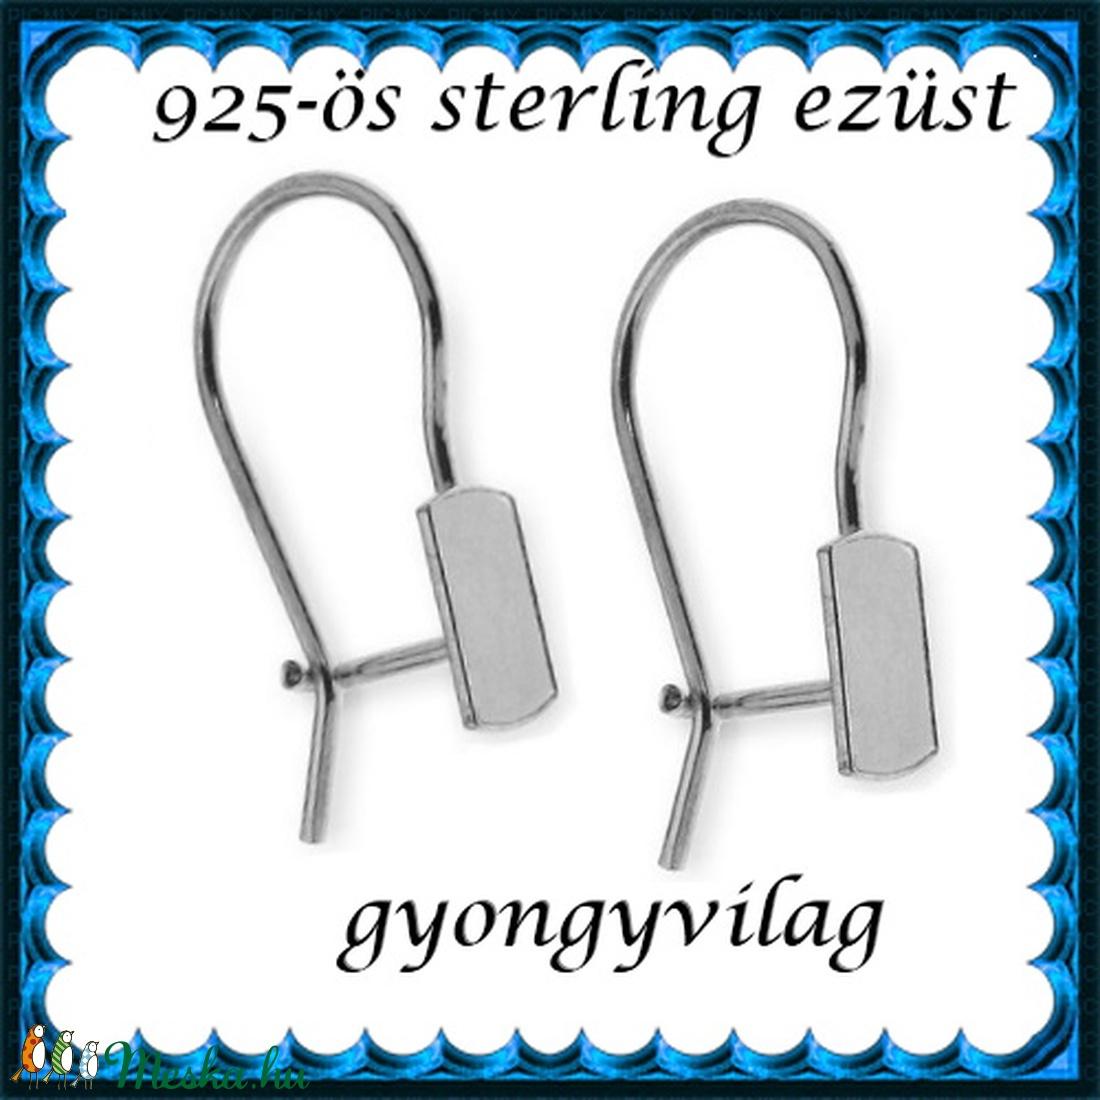 925-ös sterling ezüst ékszerkellék: fülbevalóalap biztonsági kapoccsal EFK K 27 - gyöngy, ékszerkellék - egyéb alkatrész - Meska.hu